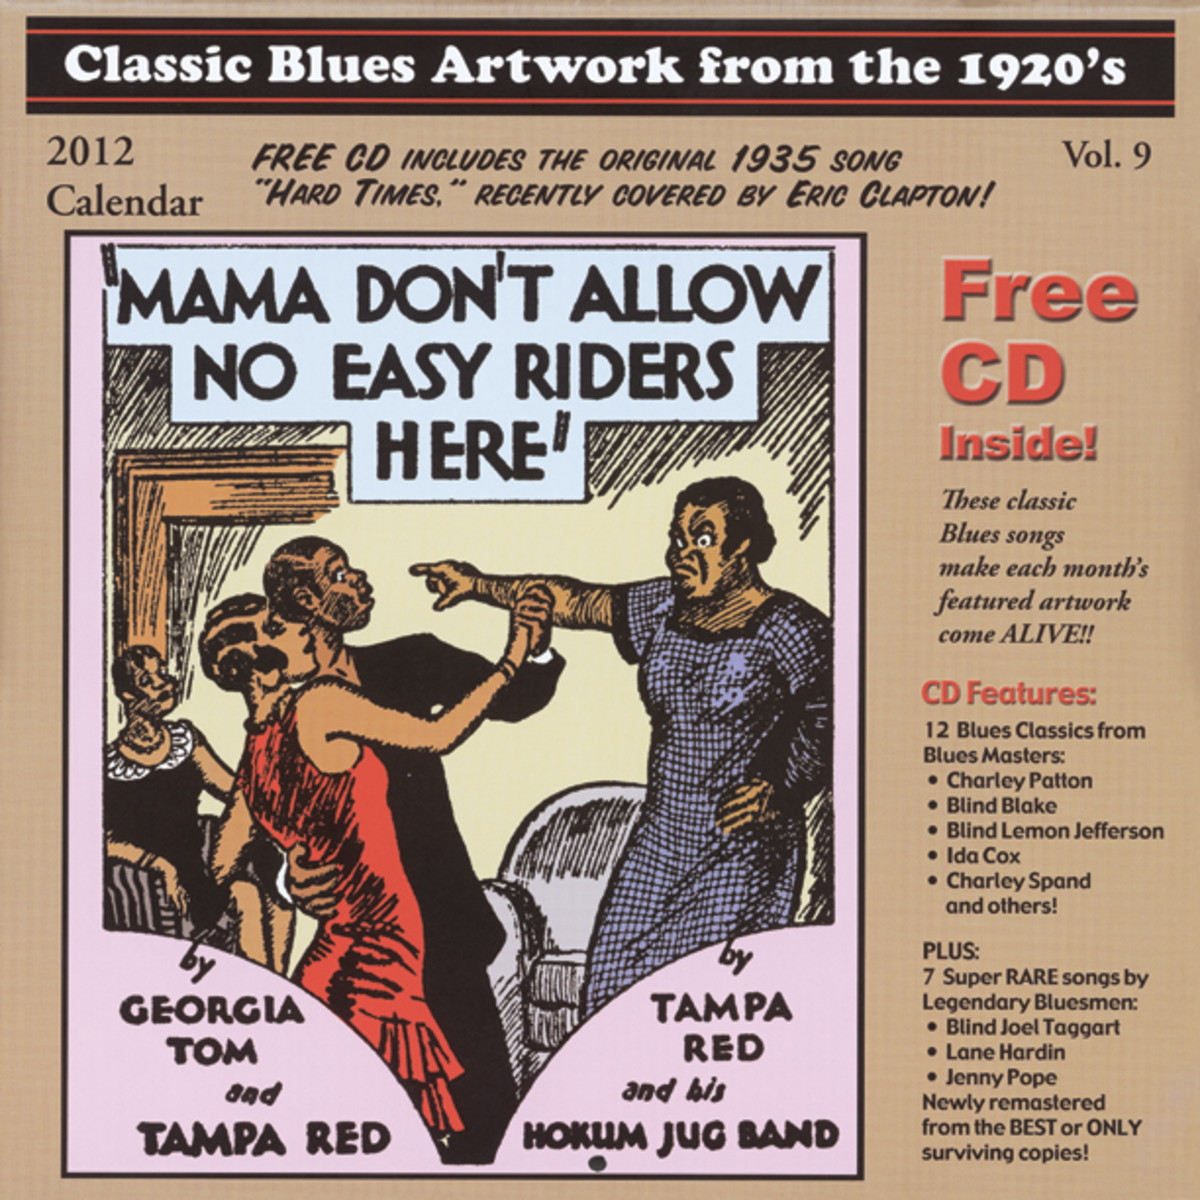 2012 Blues Images Calendar